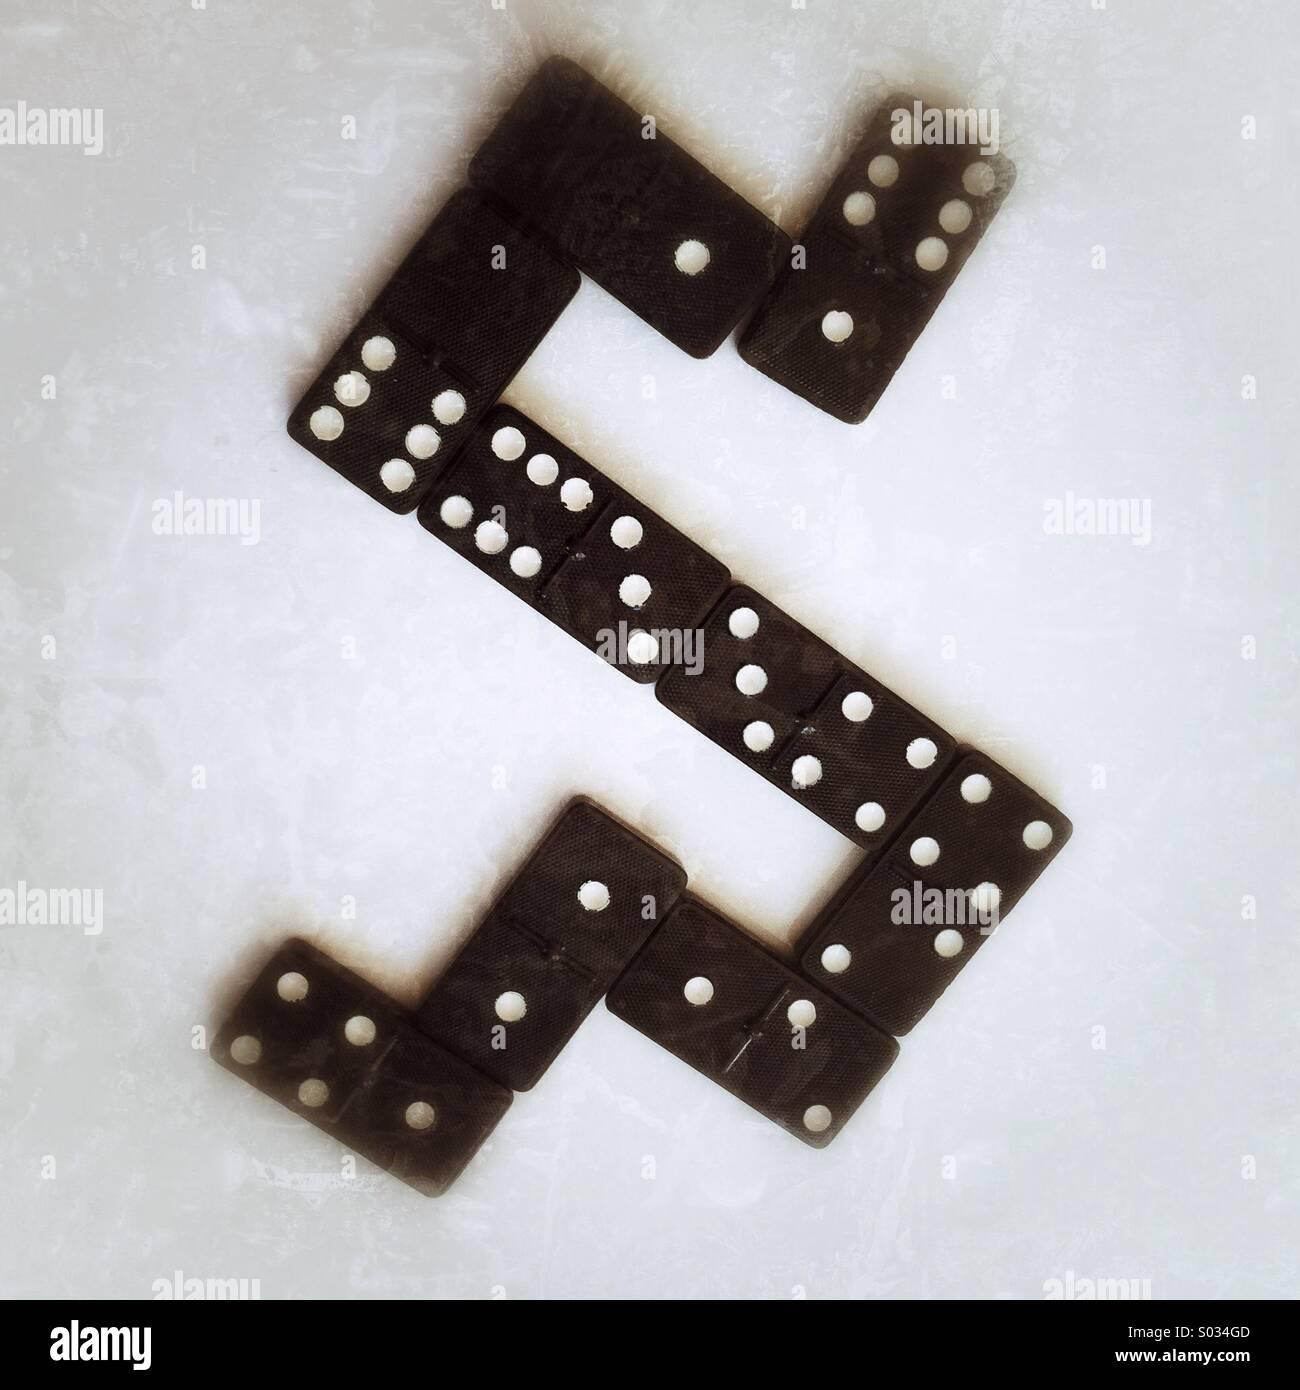 Juego de dominó Imagen De Stock